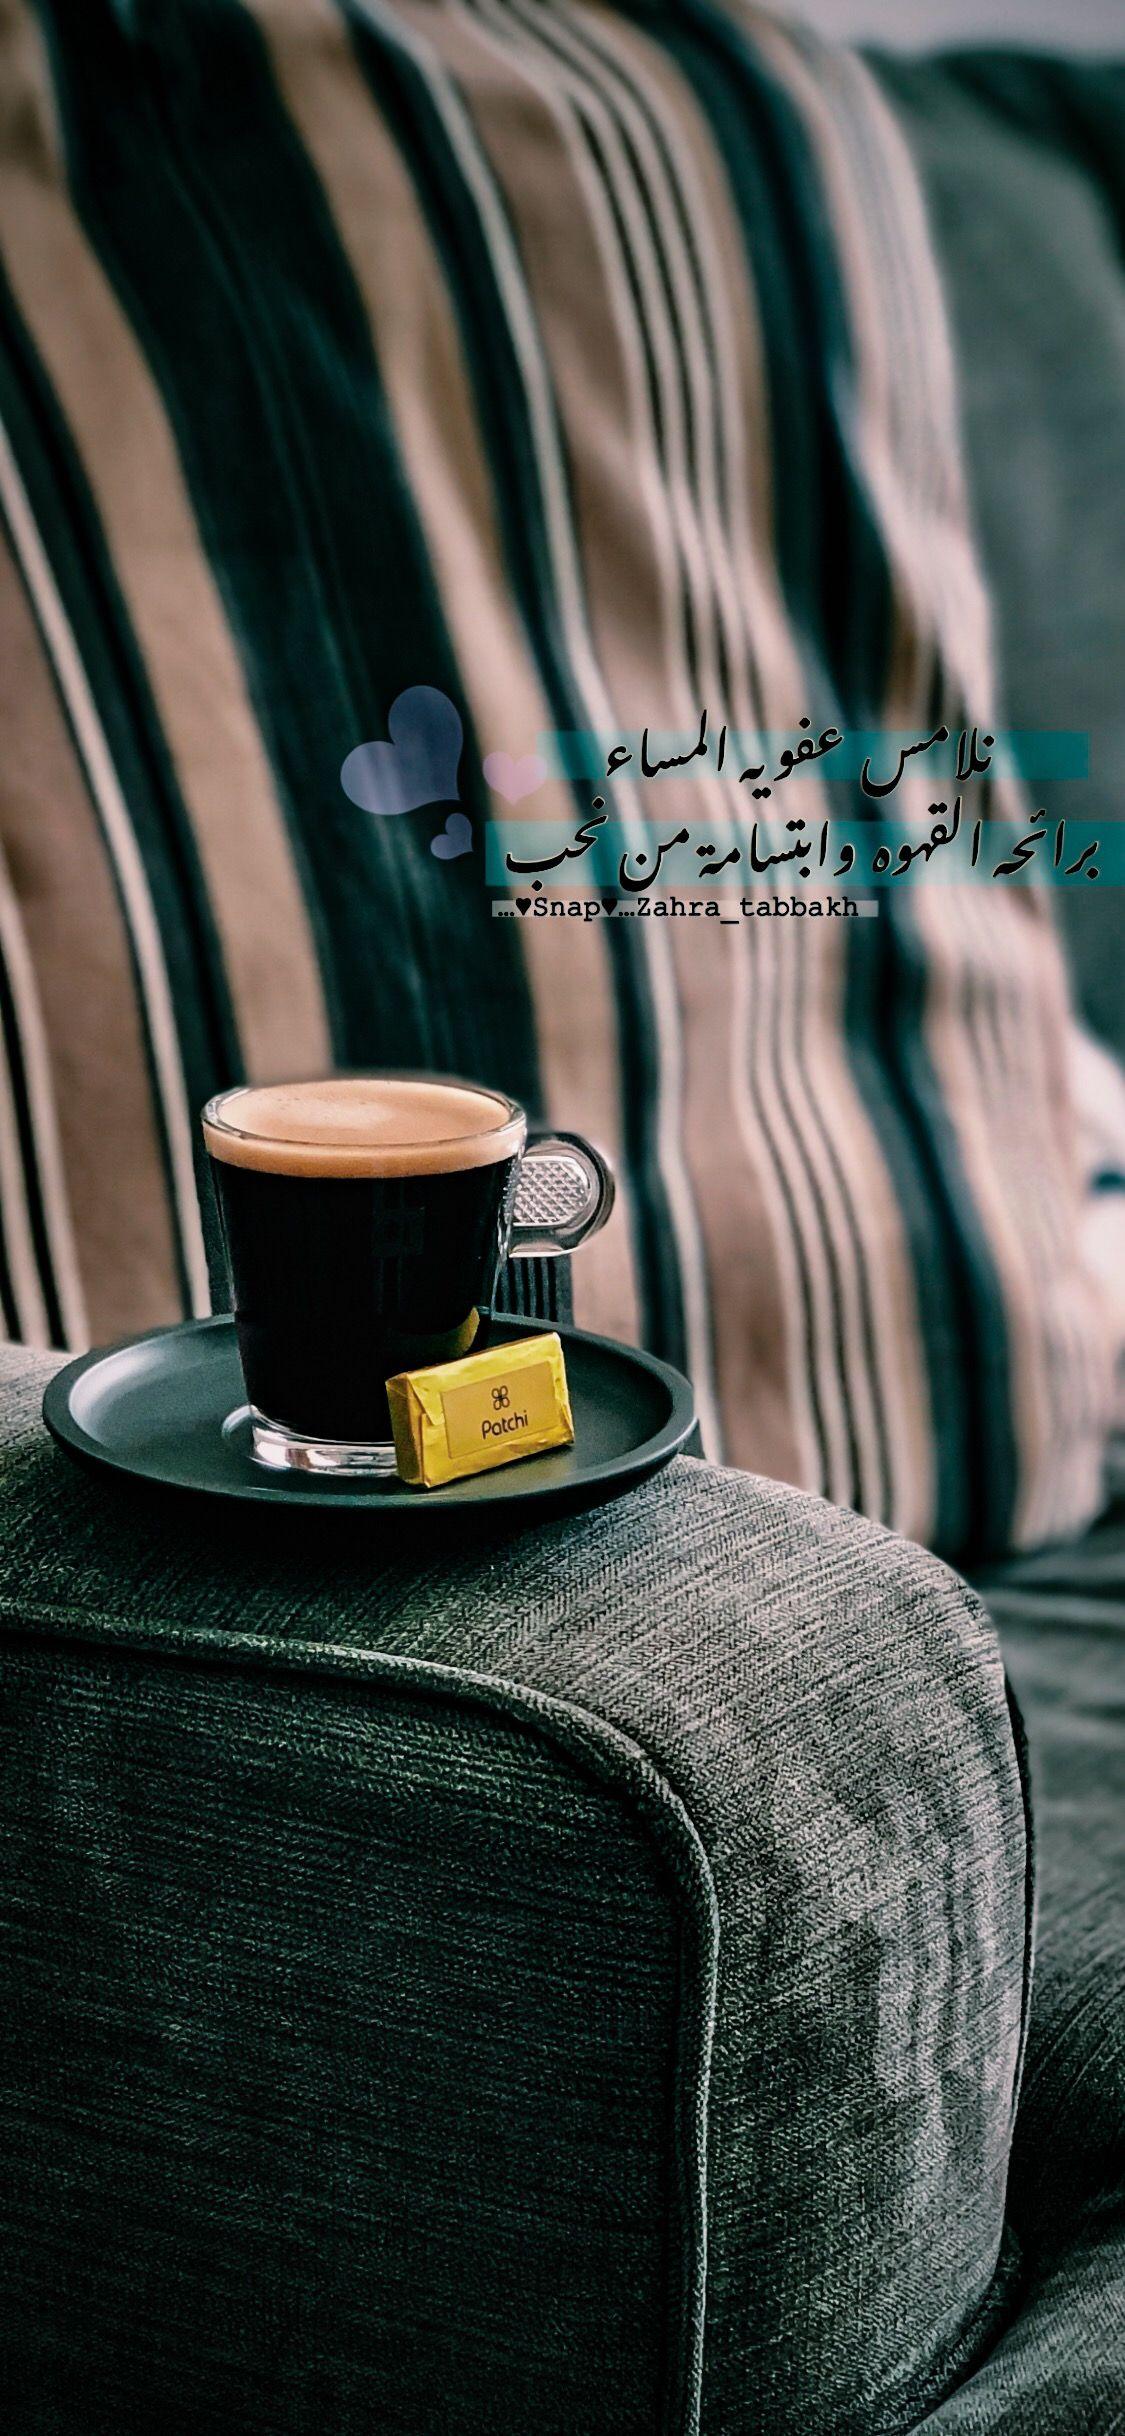 اقتباسات خواطر كلام جميل كلماتي قهوتي قهوةالصباح قهوةالمساء قهوةوكتاب Coffee Love Quotes Coffee Quotes Coffee Words